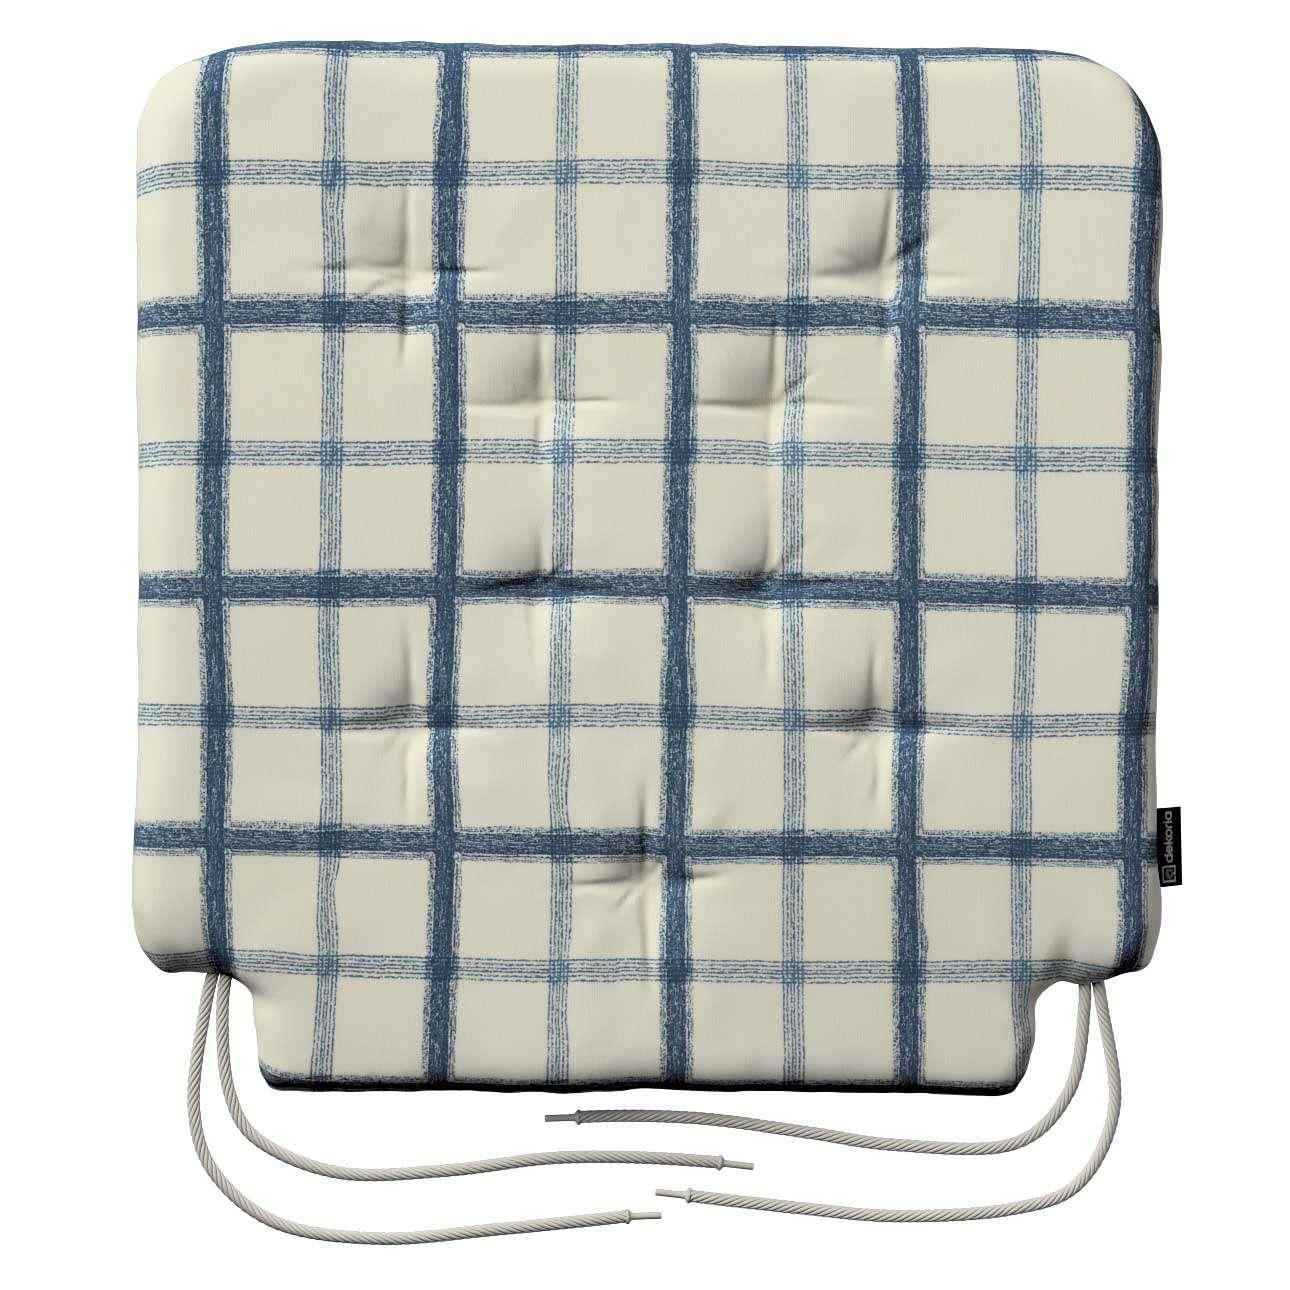 Siedzisko Olek na krzesło 42x41x3,5cm w kolekcji Avinon, tkanina: 131-66